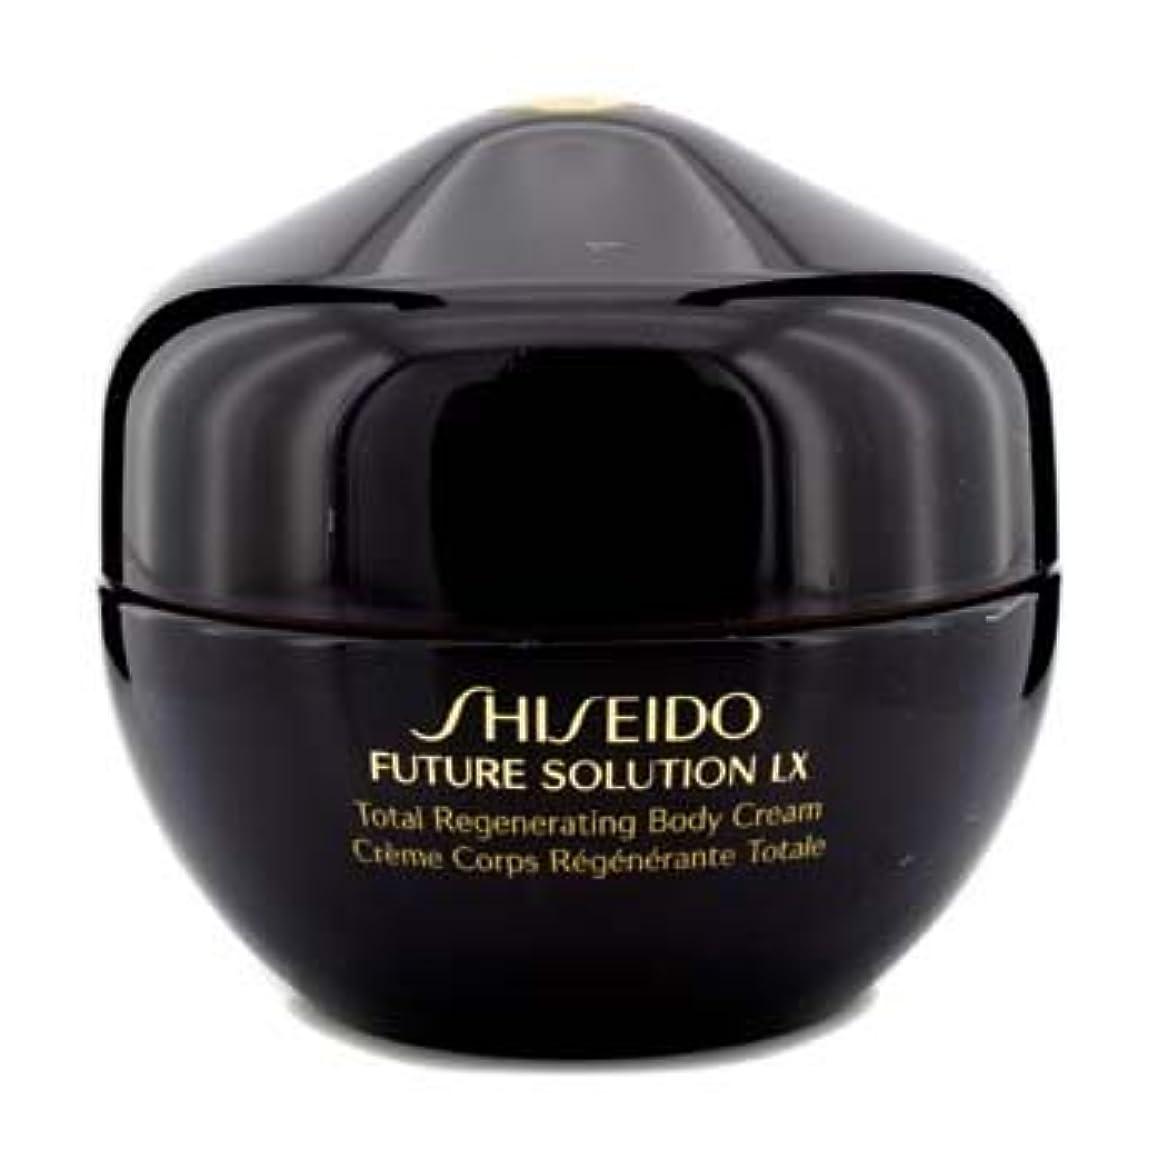 とらえどころのない知覚する側面[Shiseido] Future Solution LX Total Regenerating Body Cream 200ml/6.7oz